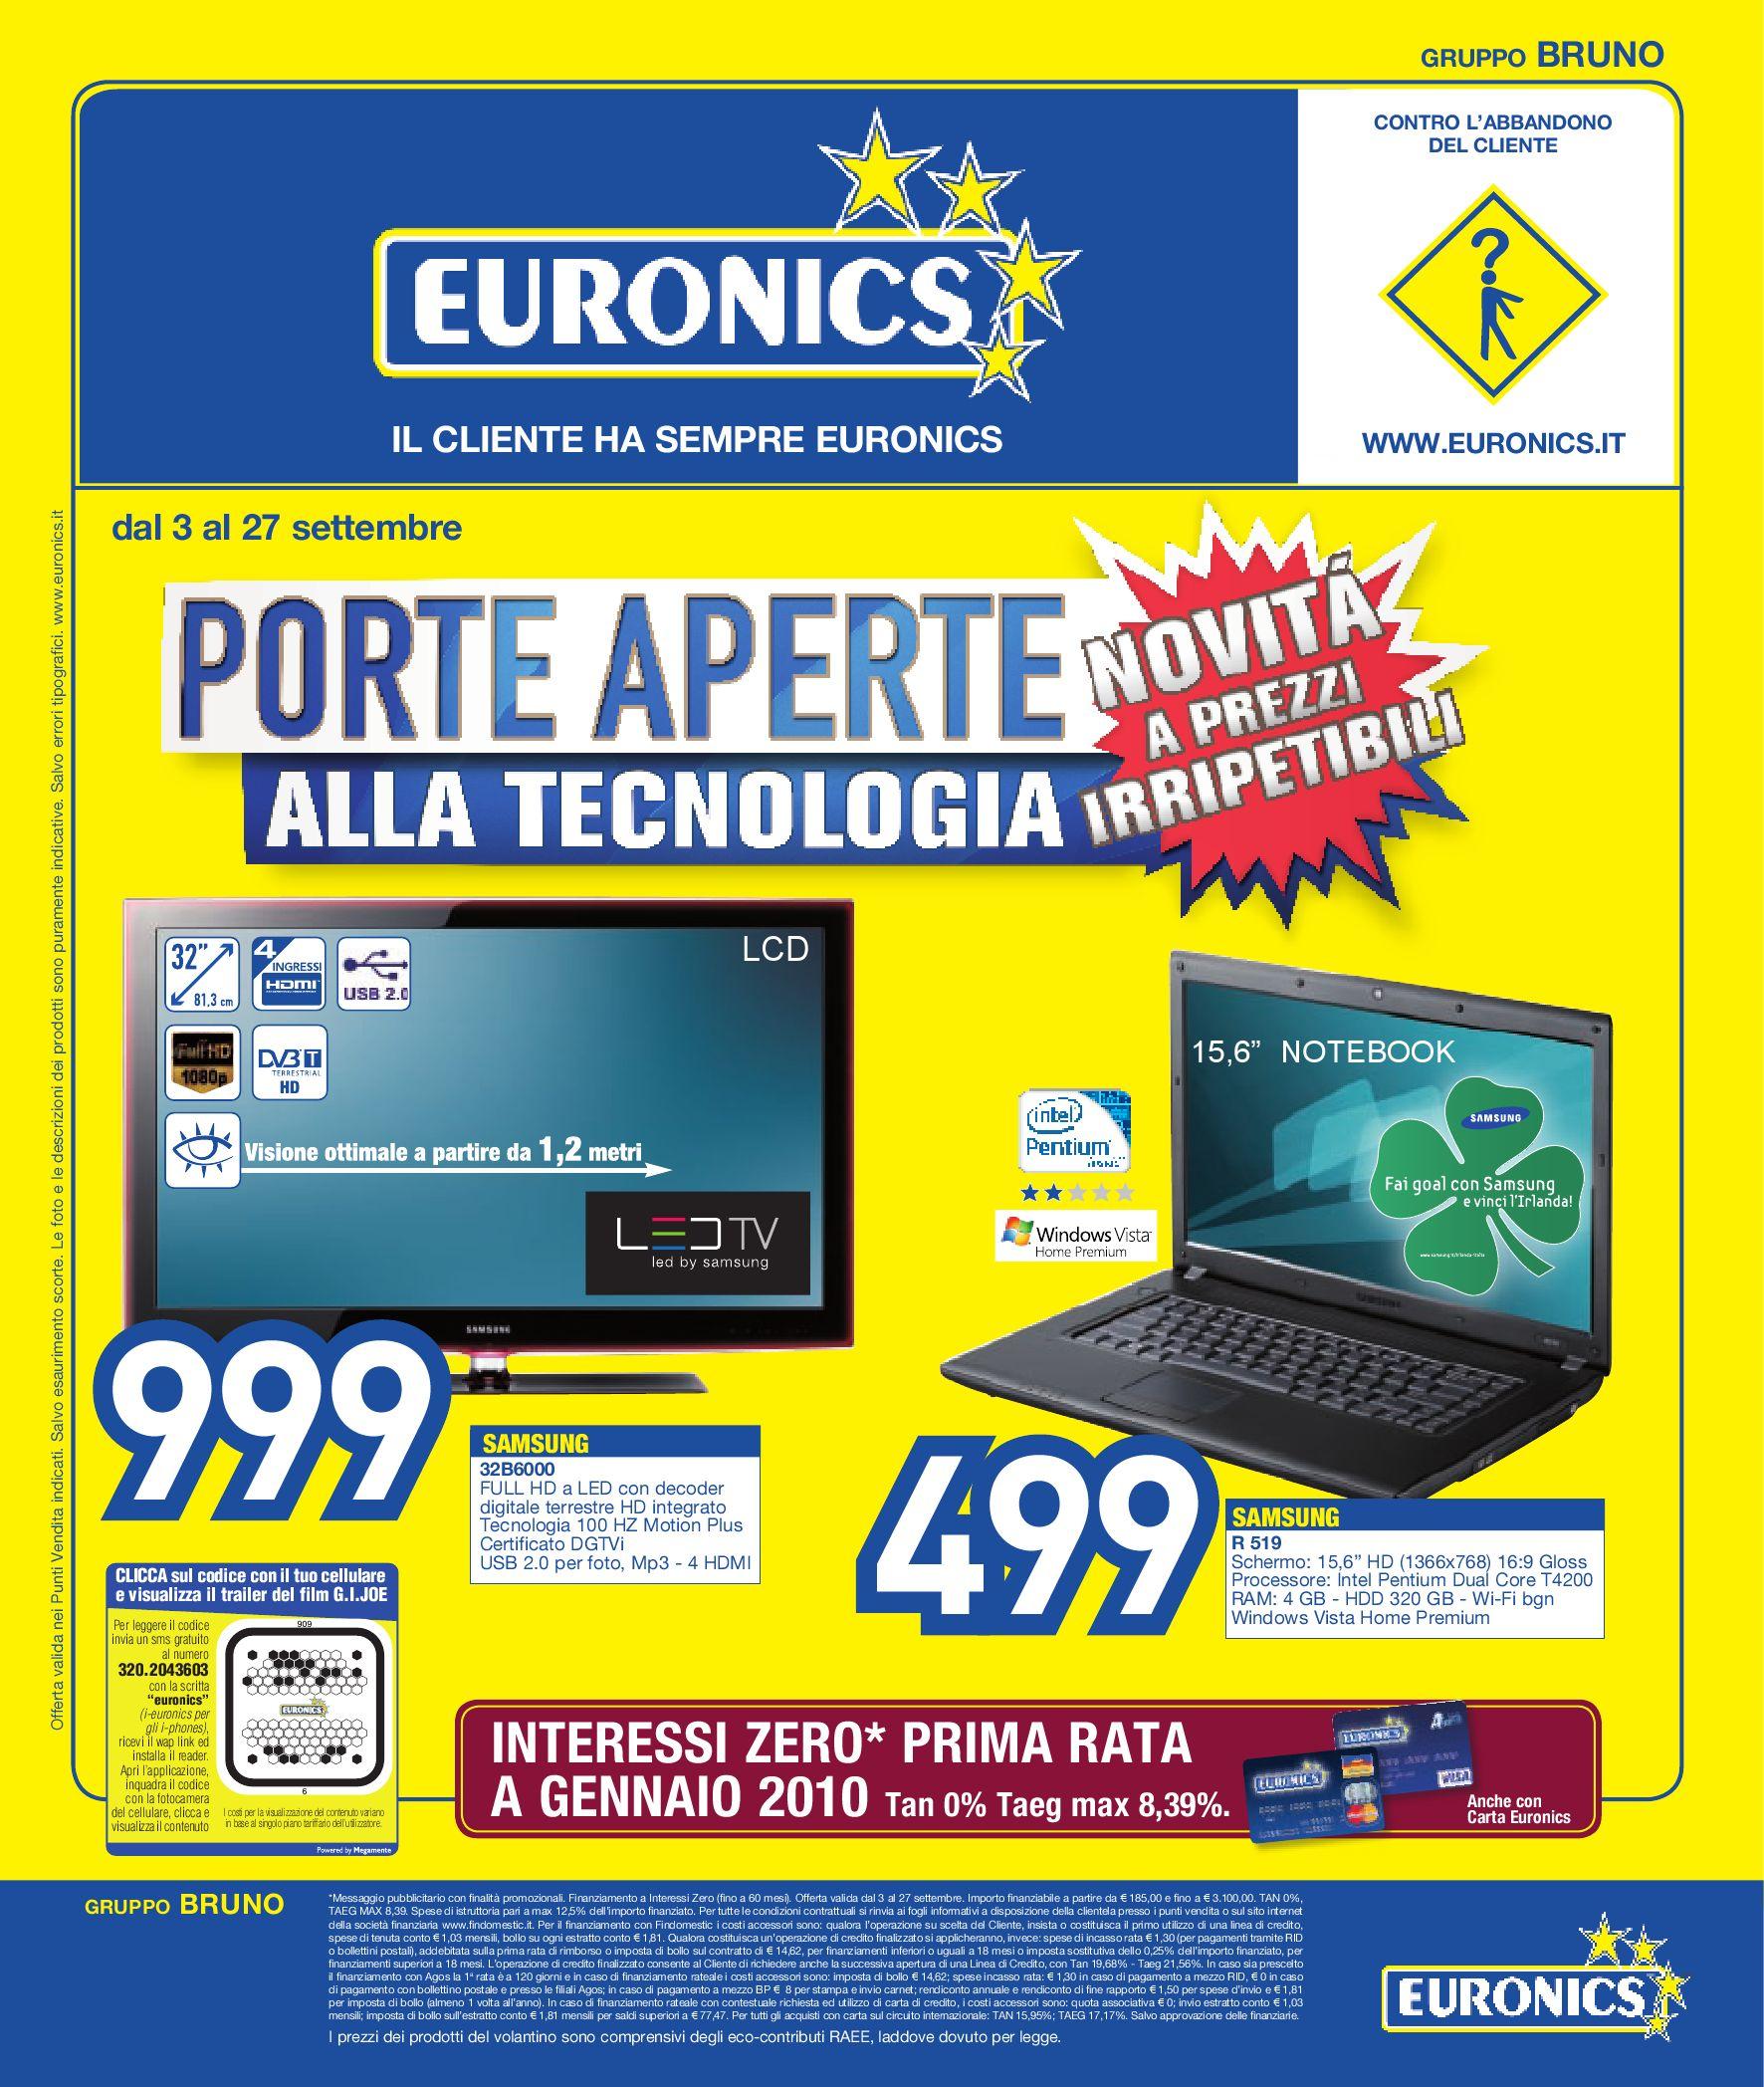 Porta Tv Meliconi Euronics.Volantino Bruno Porte Aperte Alla Tecnologia By Euronics